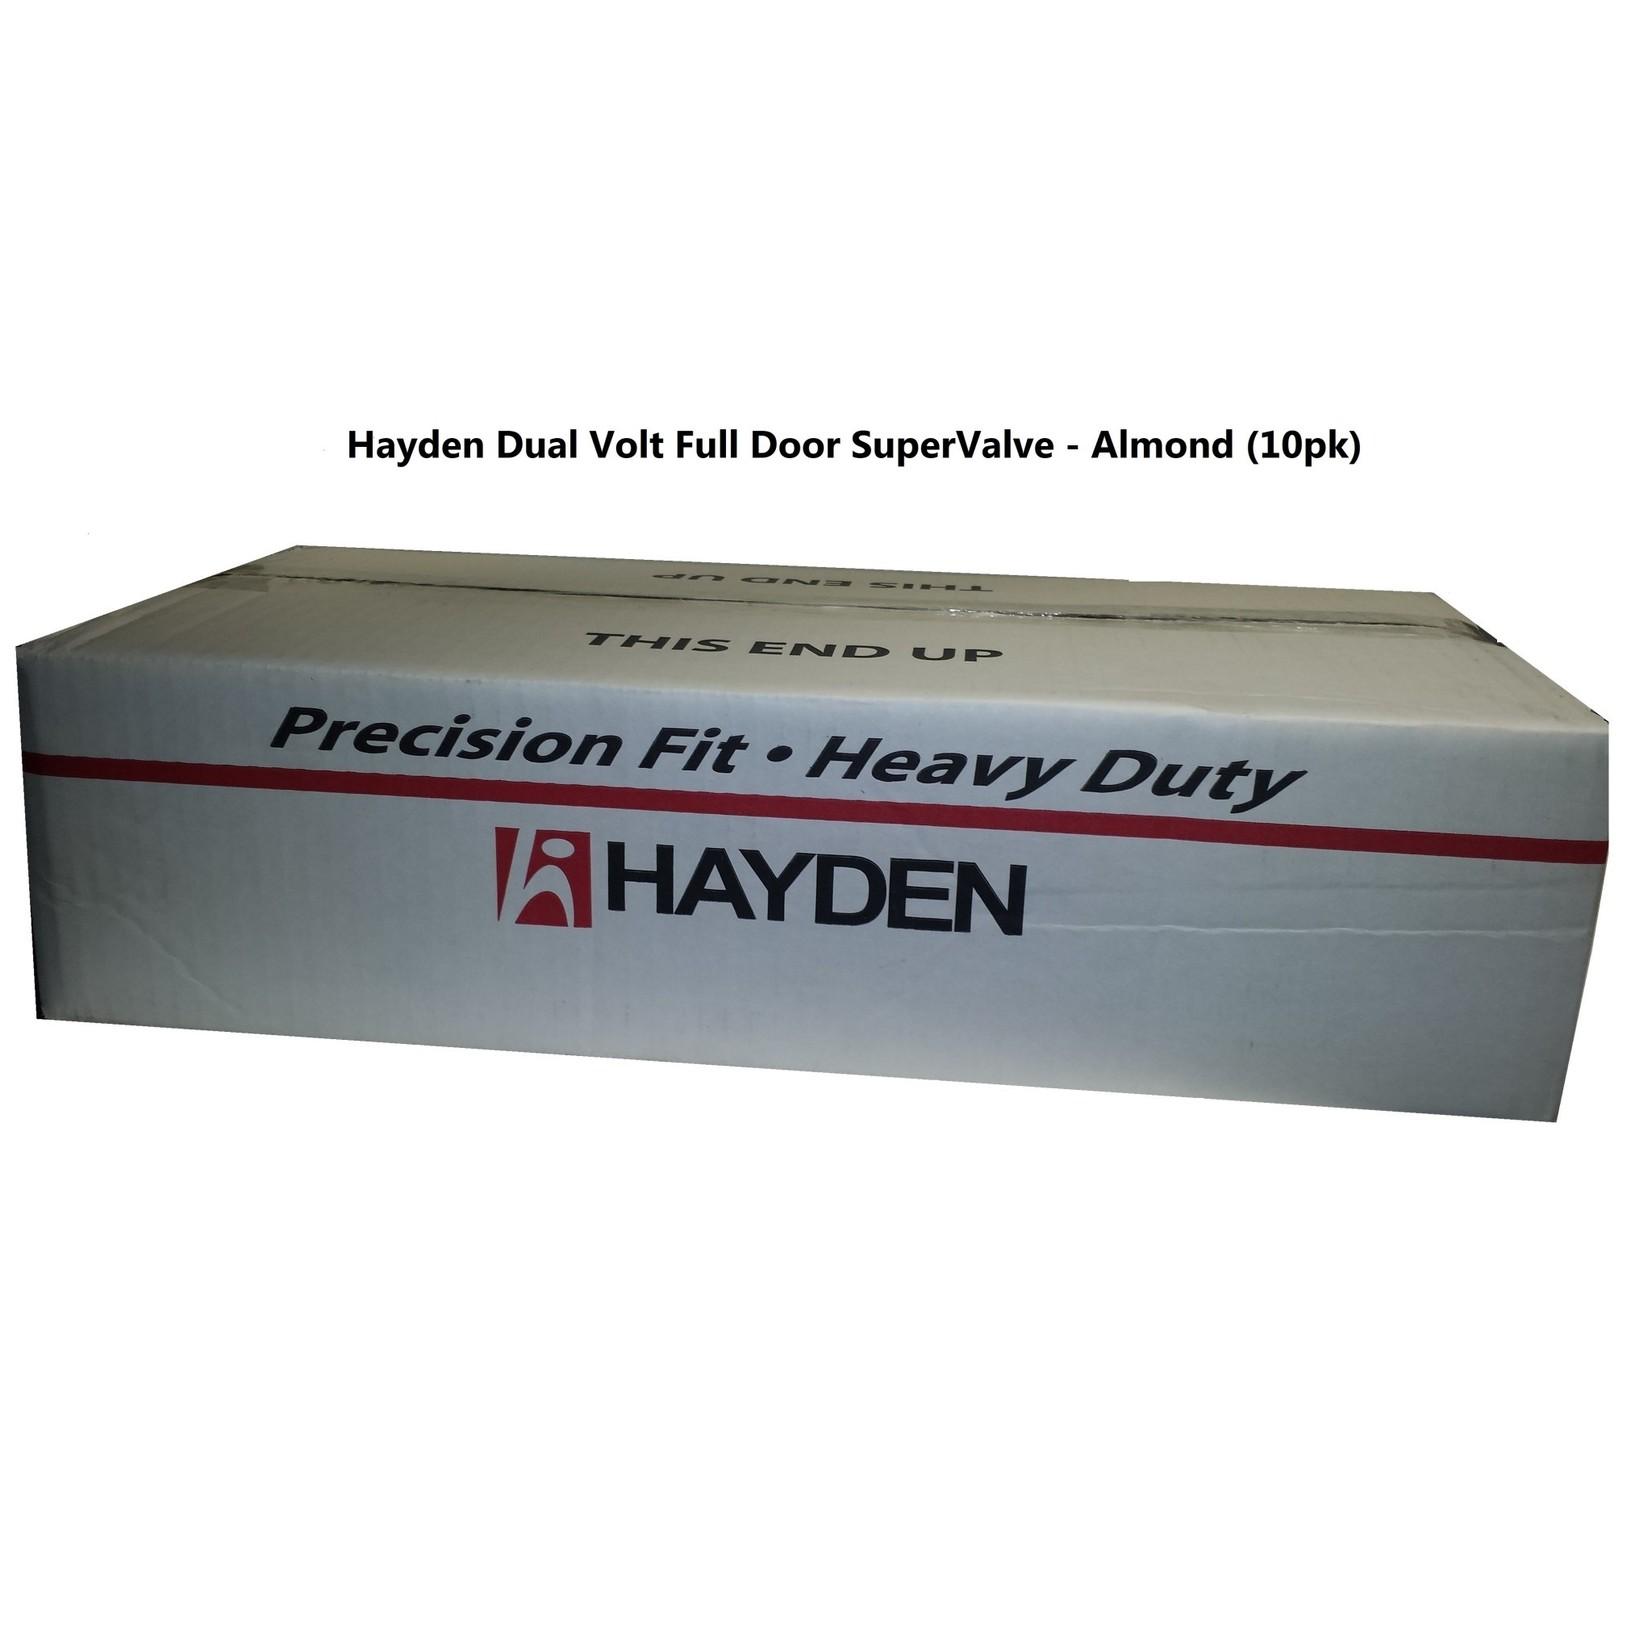 Vaculine Copy of Hayden Dual Volt Side Door SuperValve - Almond (10pk)